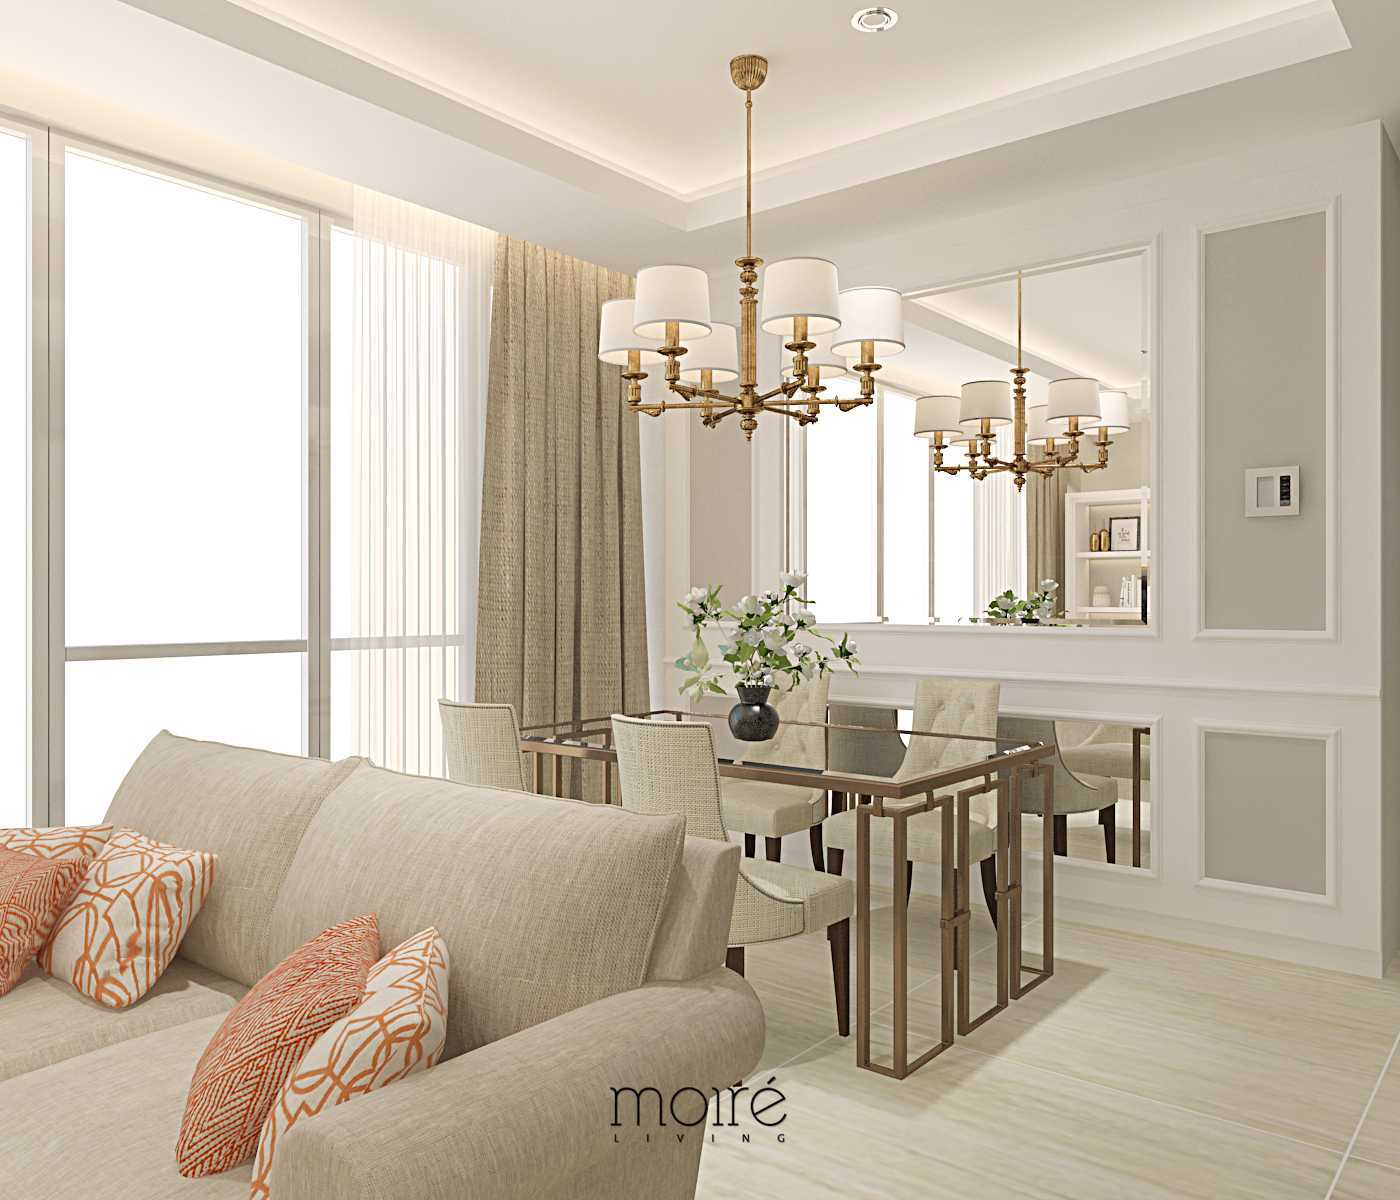 Moire Living Windsor Apartment Jakarta Barat, Kb. Jeruk, Kota Jakarta Barat, Daerah Khusus Ibukota Jakarta, Indonesia  Moire-Living-Windsor-Apartment Klasik 54863